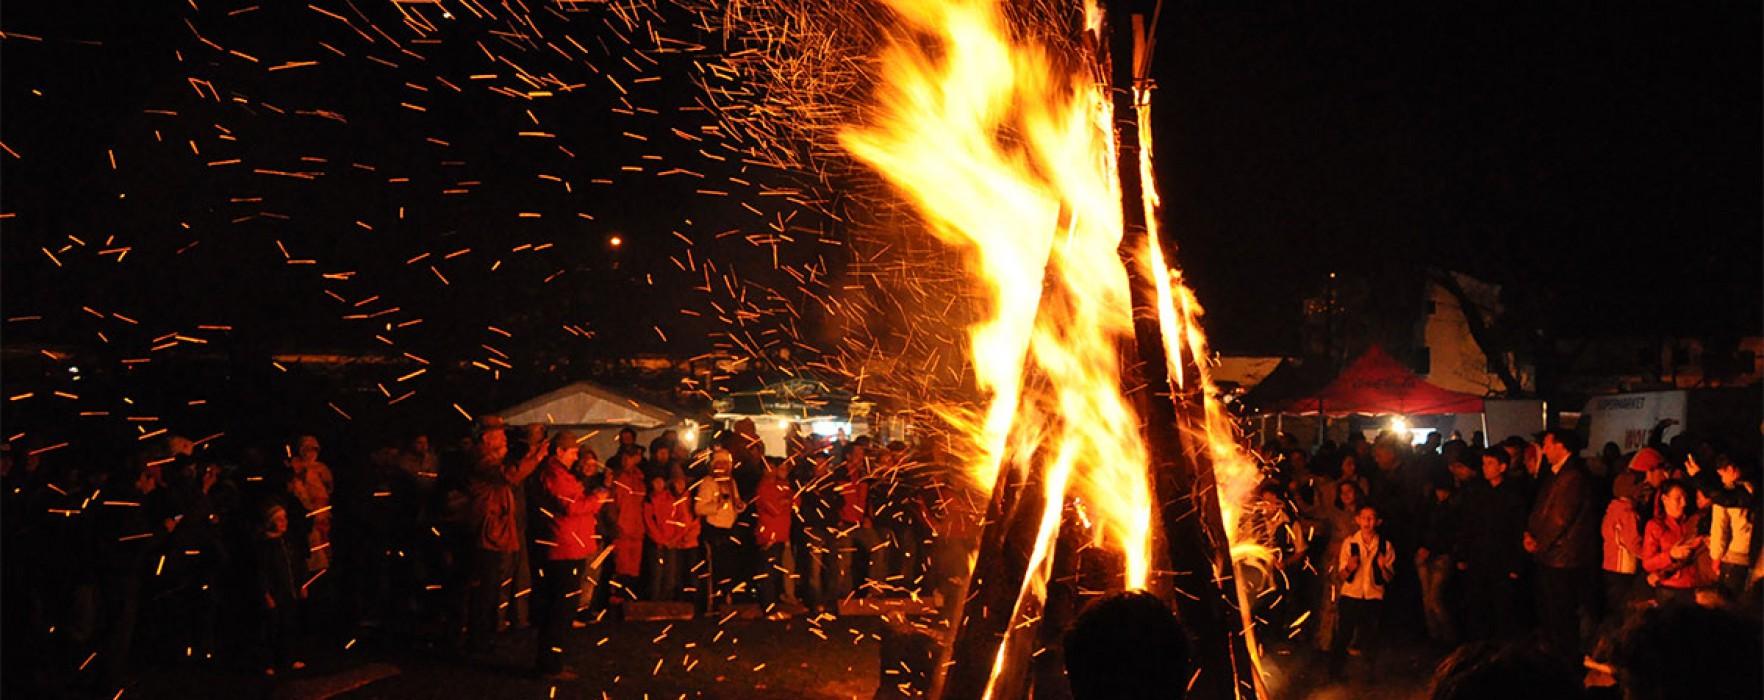 Focul lui Sâmedru va fi aprins în mai multe sate